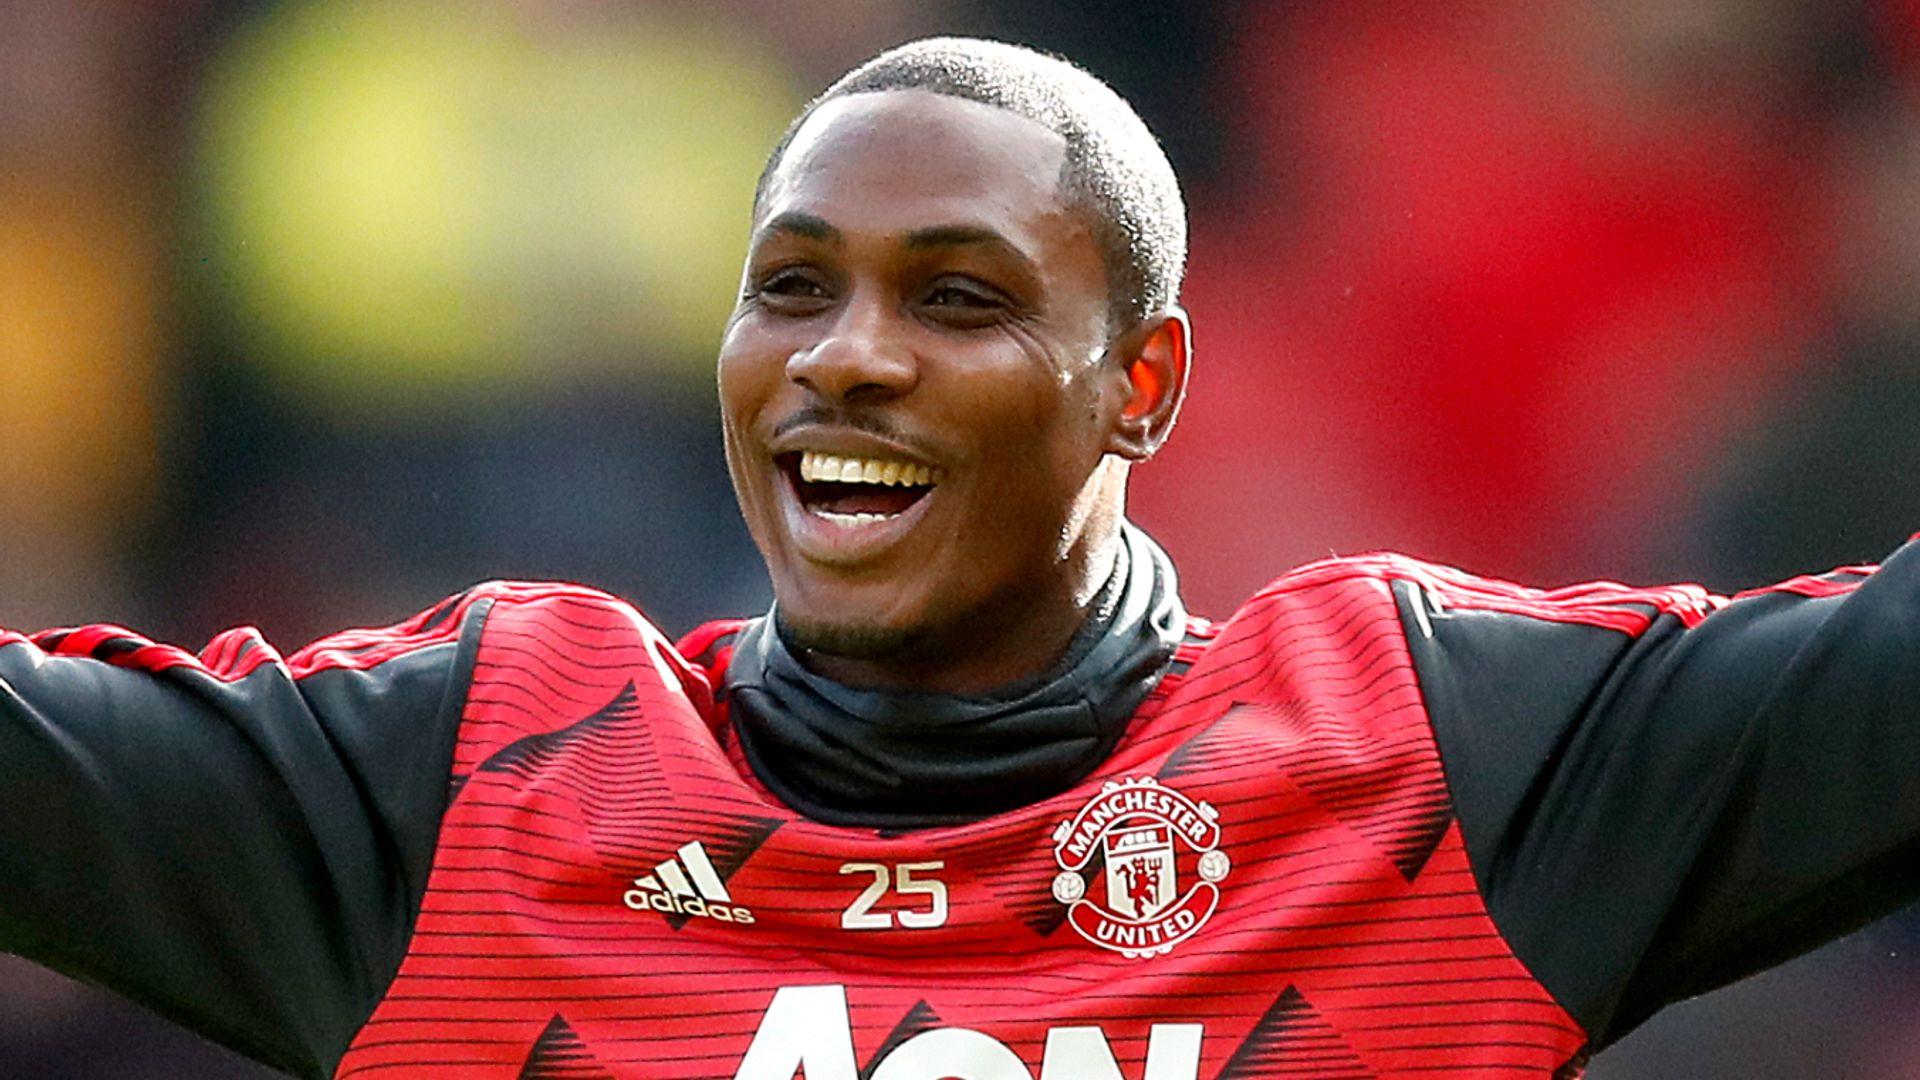 Ighalo: I'll take Man Utd higher and higher